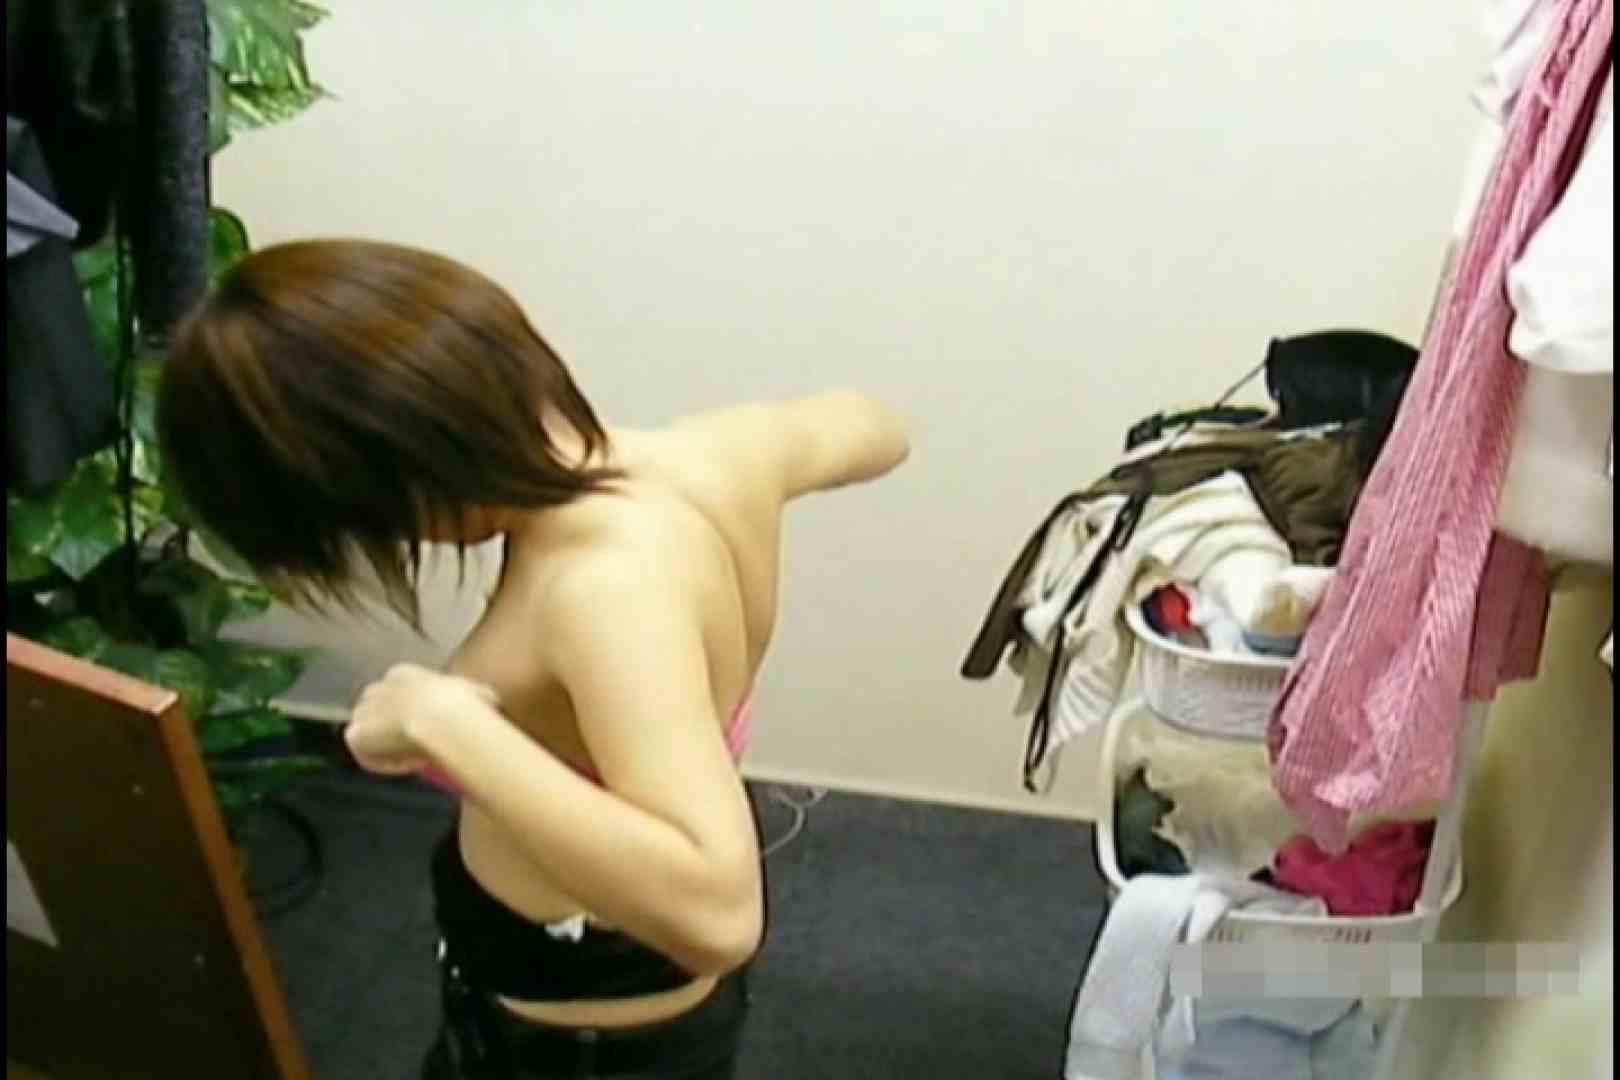 素人撮影 下着だけの撮影のはずが・・・れみ18歳 隠撮   ギャルの乳首  91画像 8